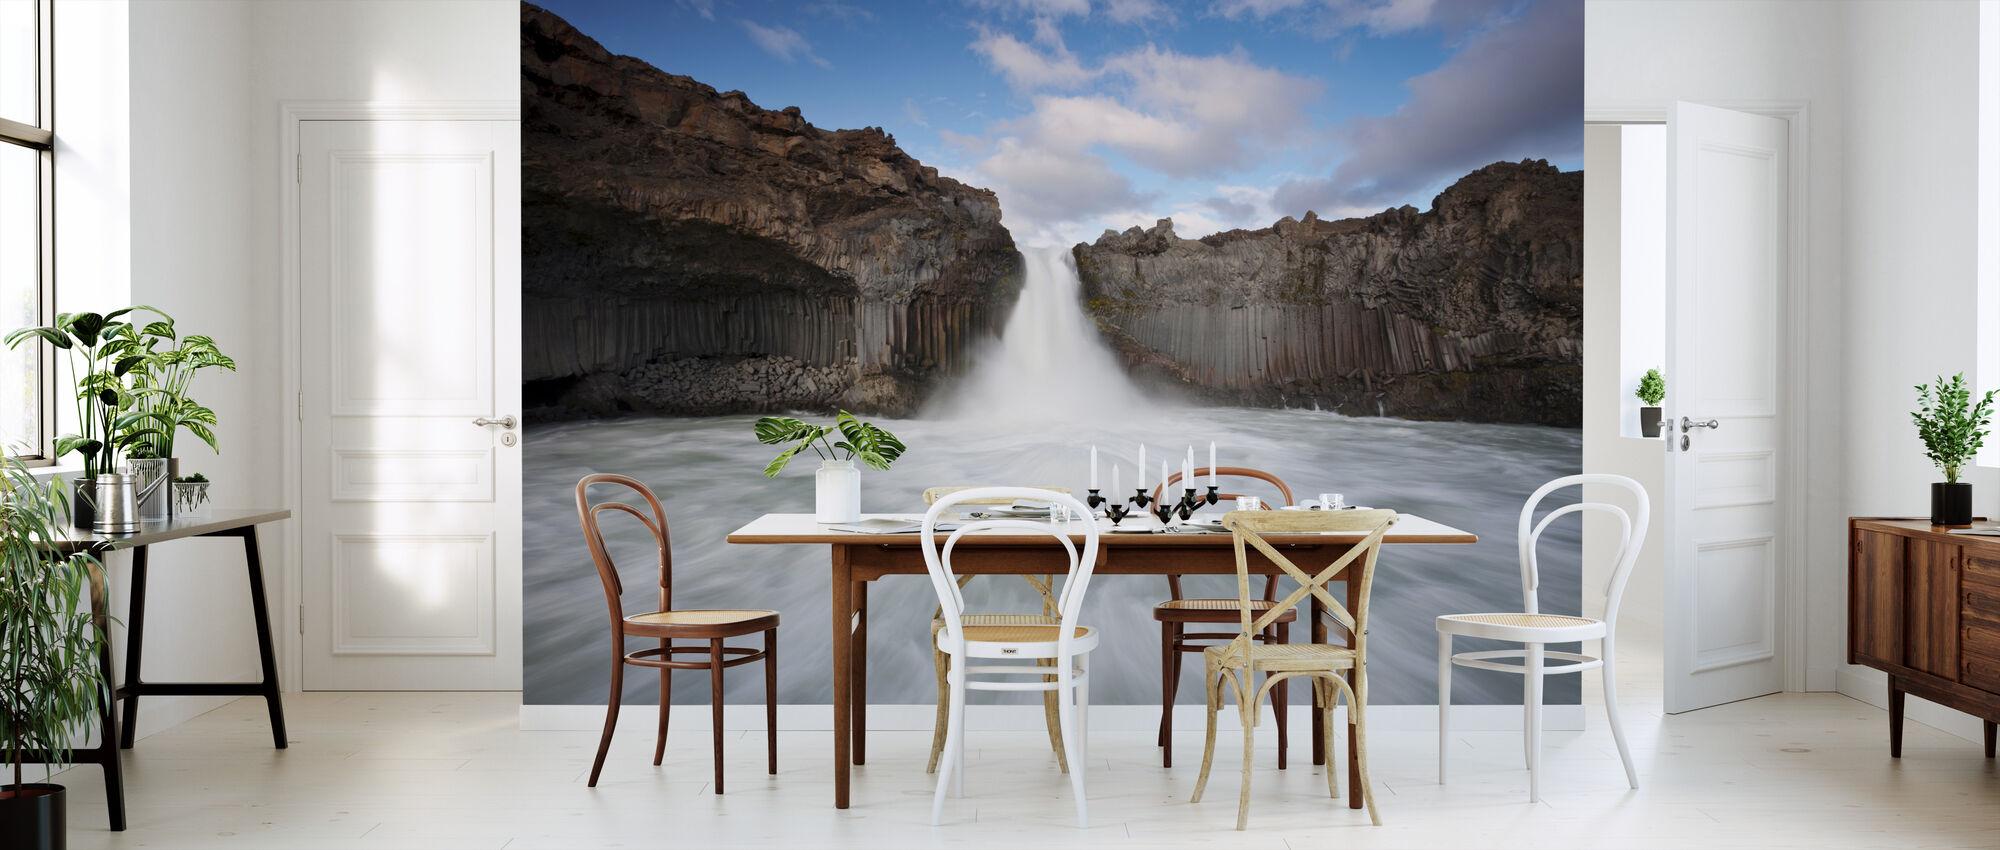 Wild Water - Wallpaper - Kitchen